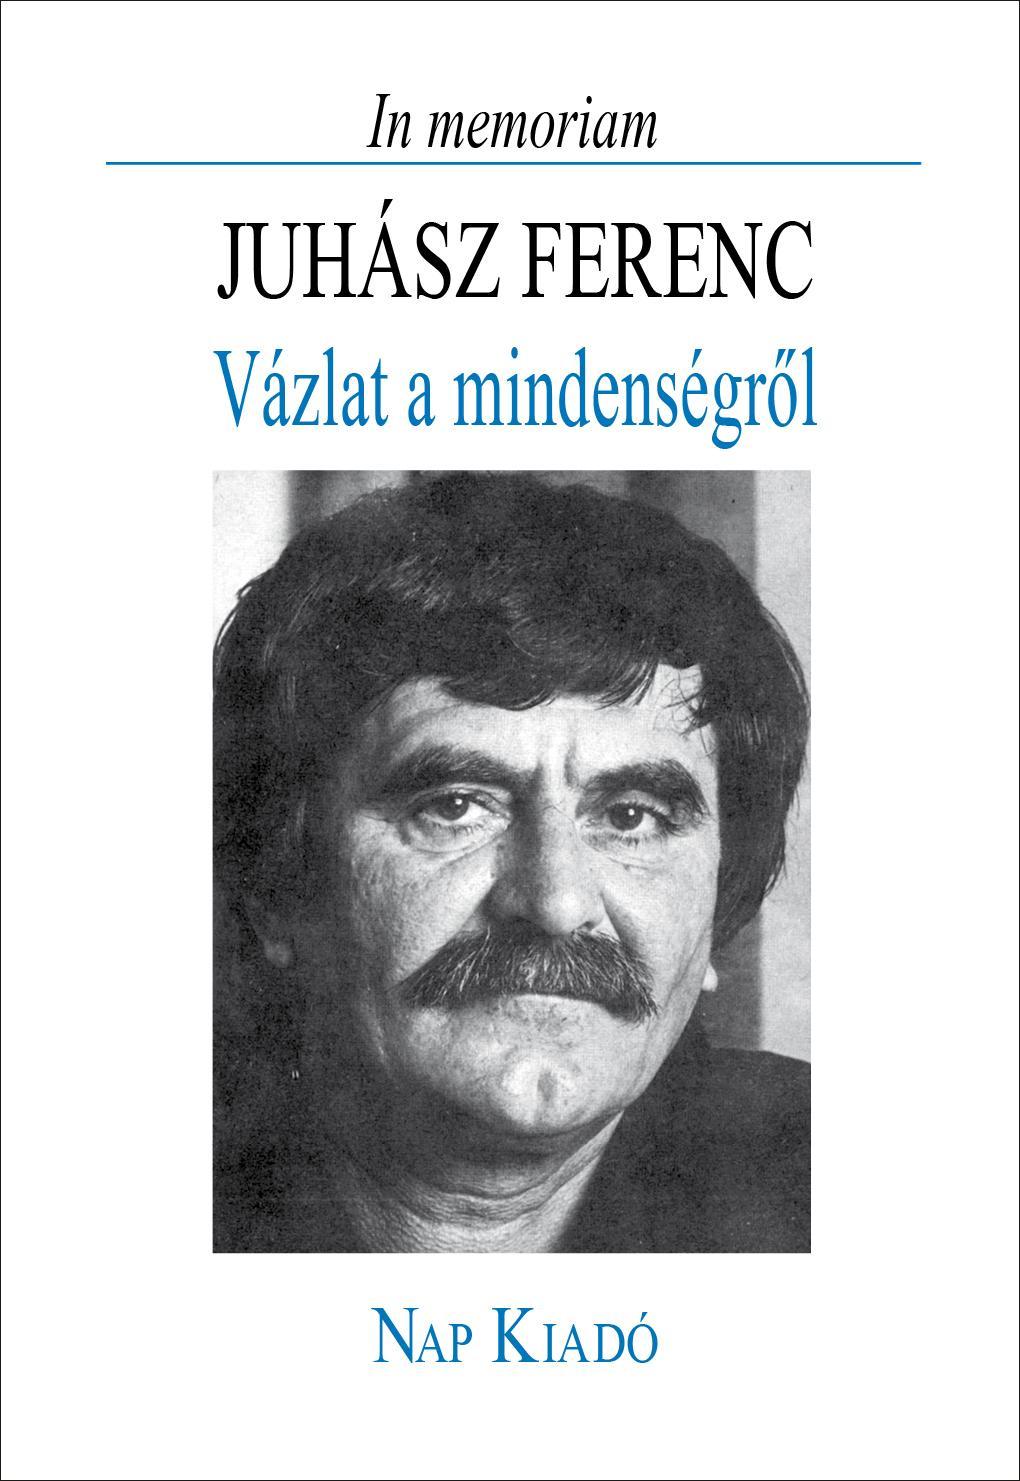 IN MEMORIAM JUHÁSZ FERENC - VÁZLAT A MINDENSÉGRŐL